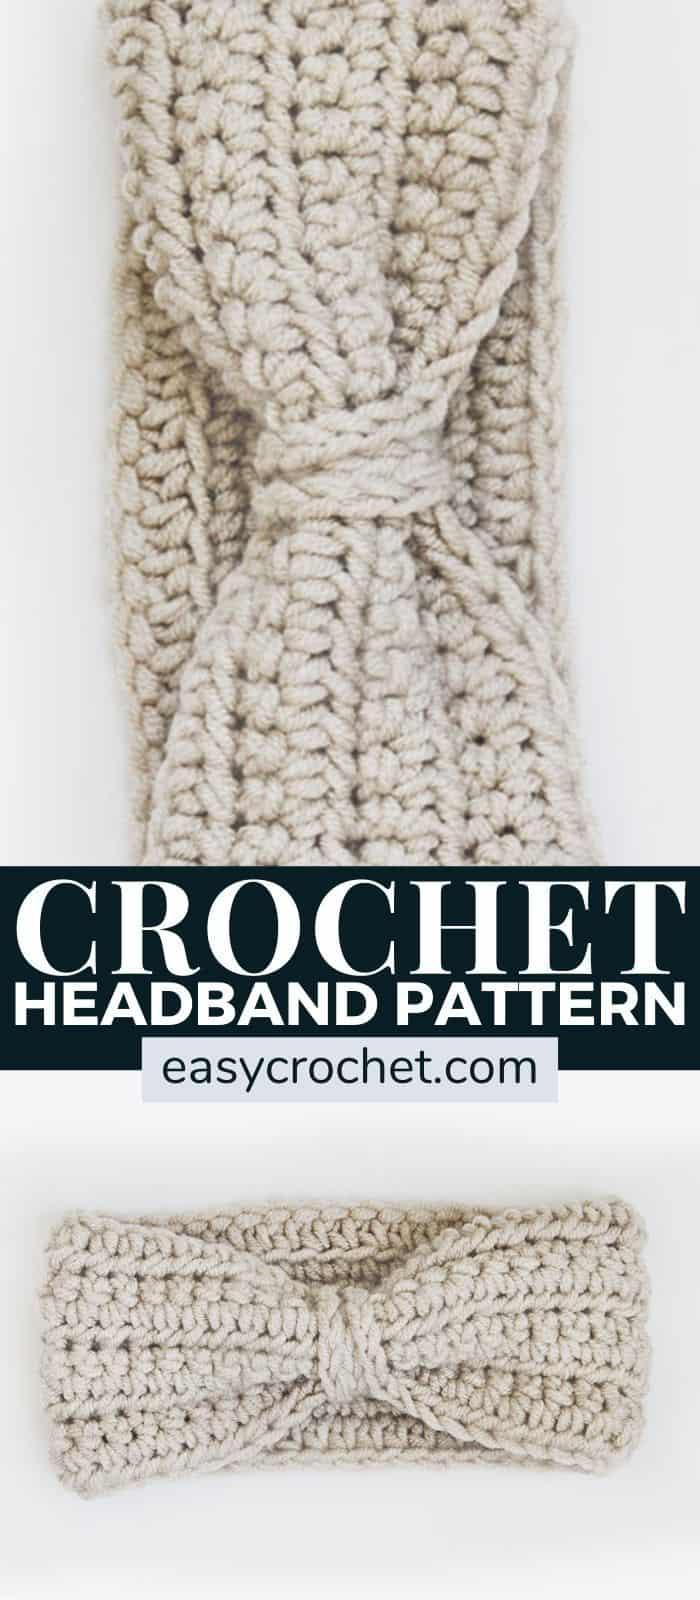 Free crochet ear warmer crochet pattern for an easy to crochet headband. Find this free crochet pattern at easycrochet.com via @easycrochetcom